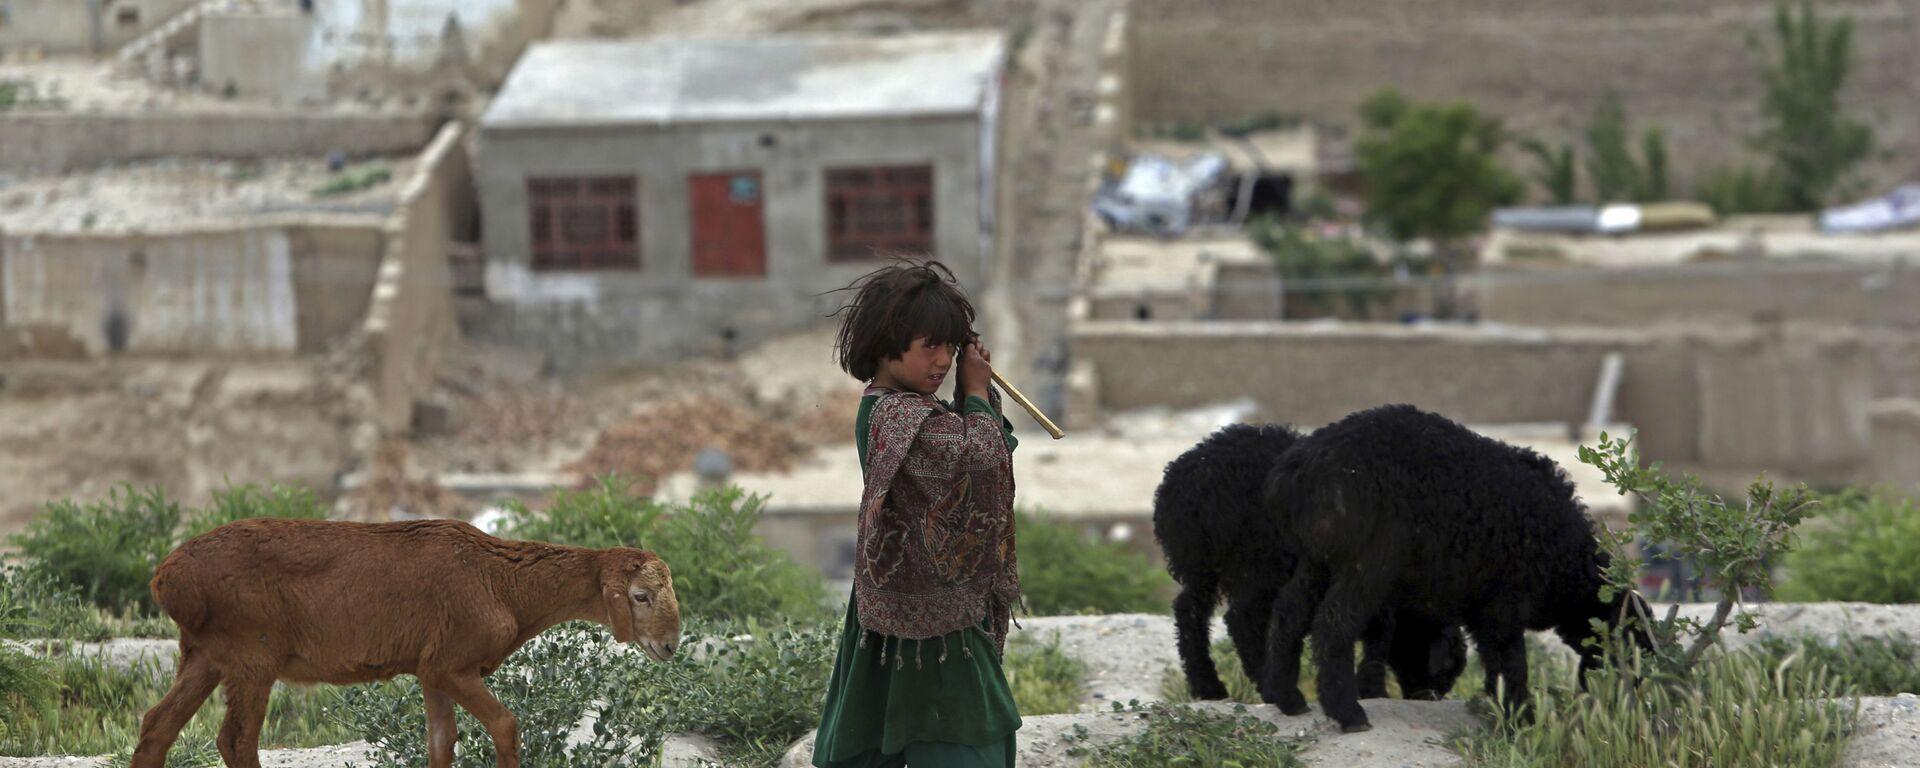 Ребенок-кочевник-афганец Кучи пасет своих овец на вершине холма Надир-Хан в Кабуле, Афганистан - Sputnik Таджикистан, 1920, 25.05.2021